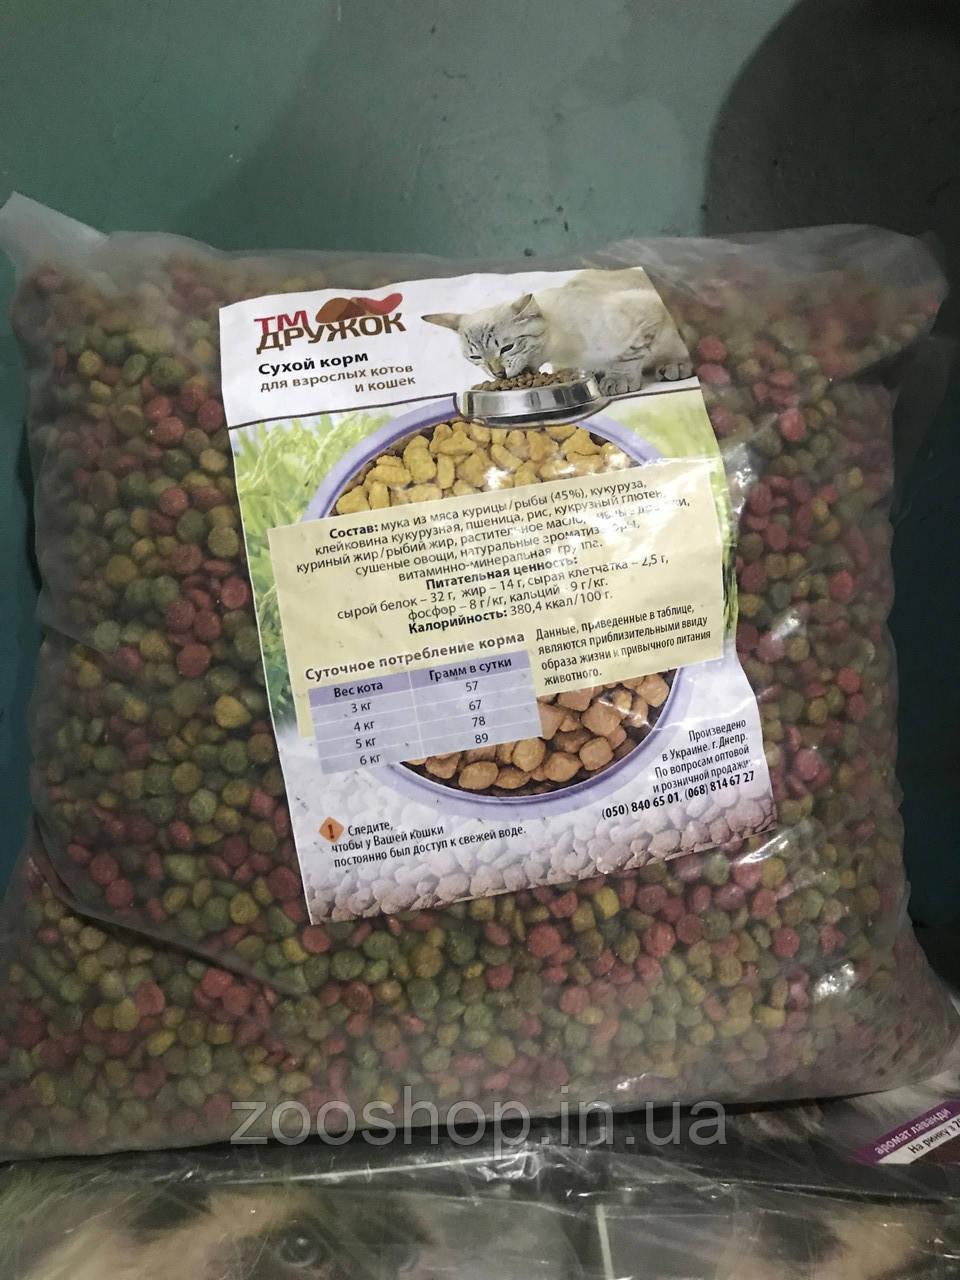 Сухой корм для котов Дружок Микс 10 кг